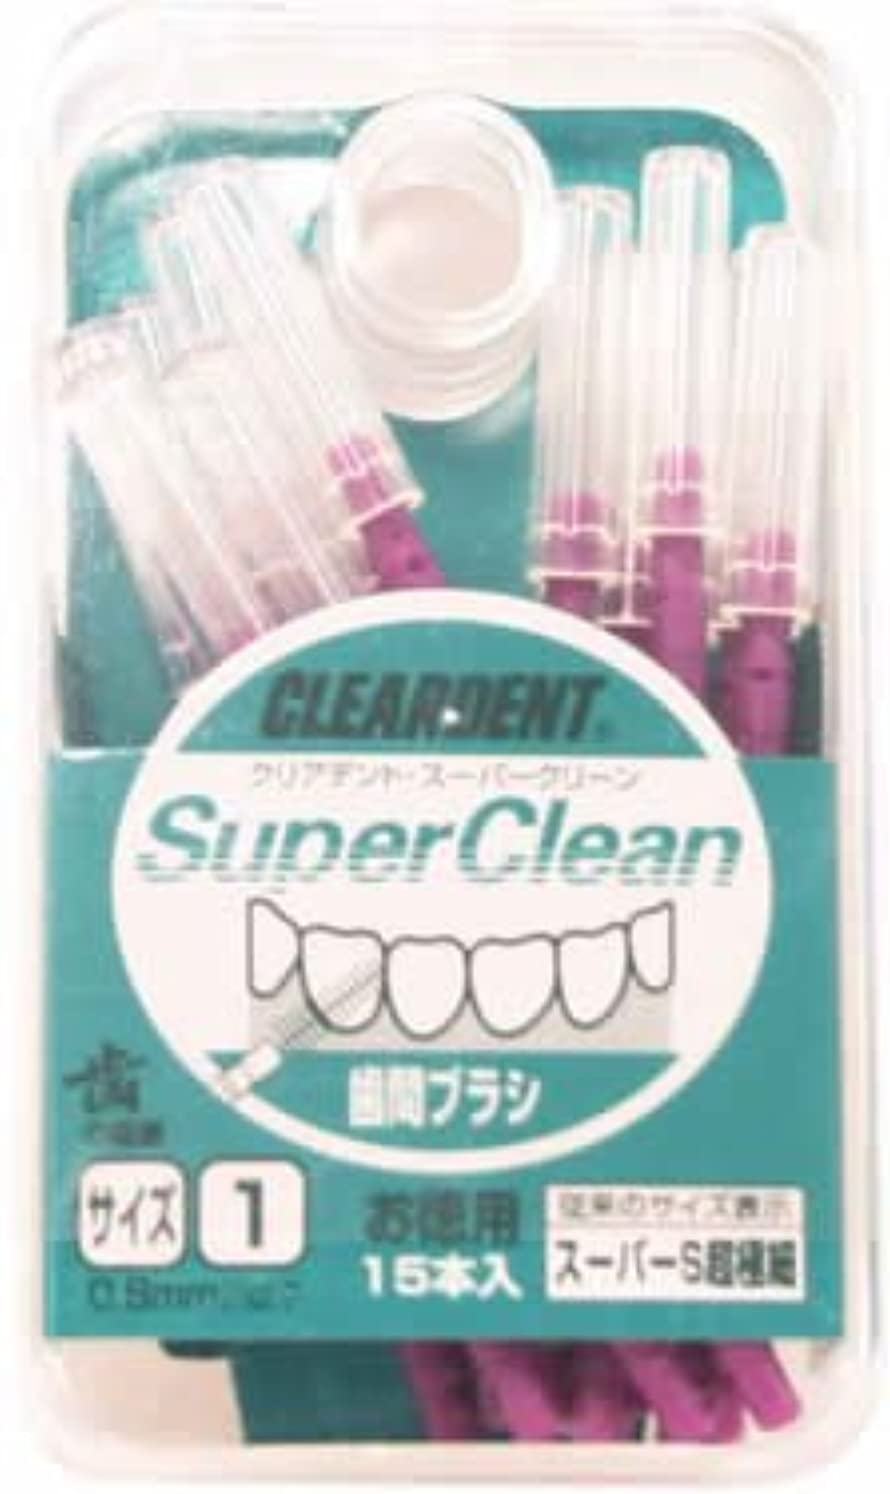 炭水化物カウントアップ故障クリアデント歯間ブラシ(お徳用) サイズ1超極細 15本入パープル